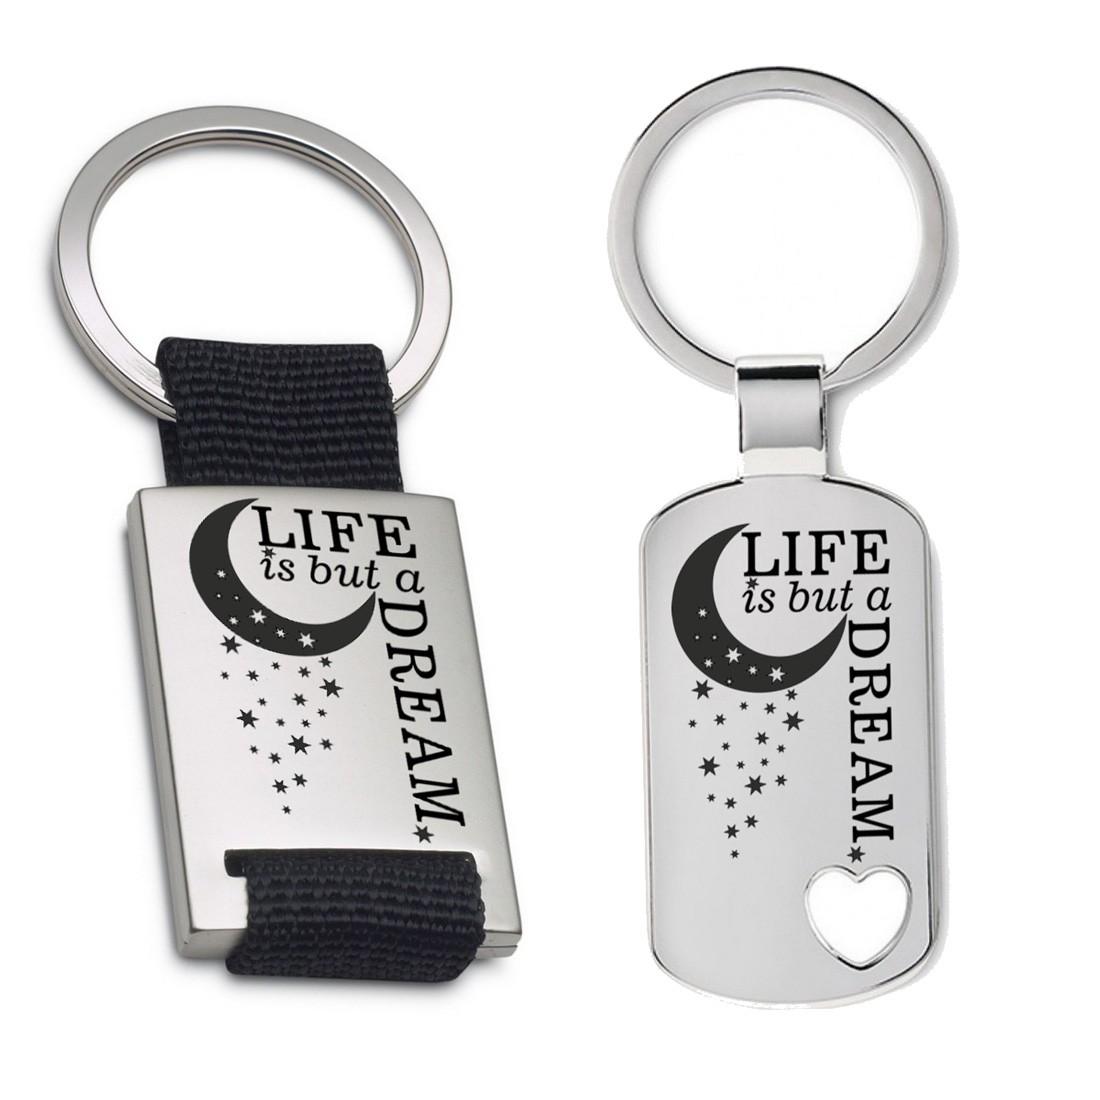 Schlüsselanhänger: Life is but a dream